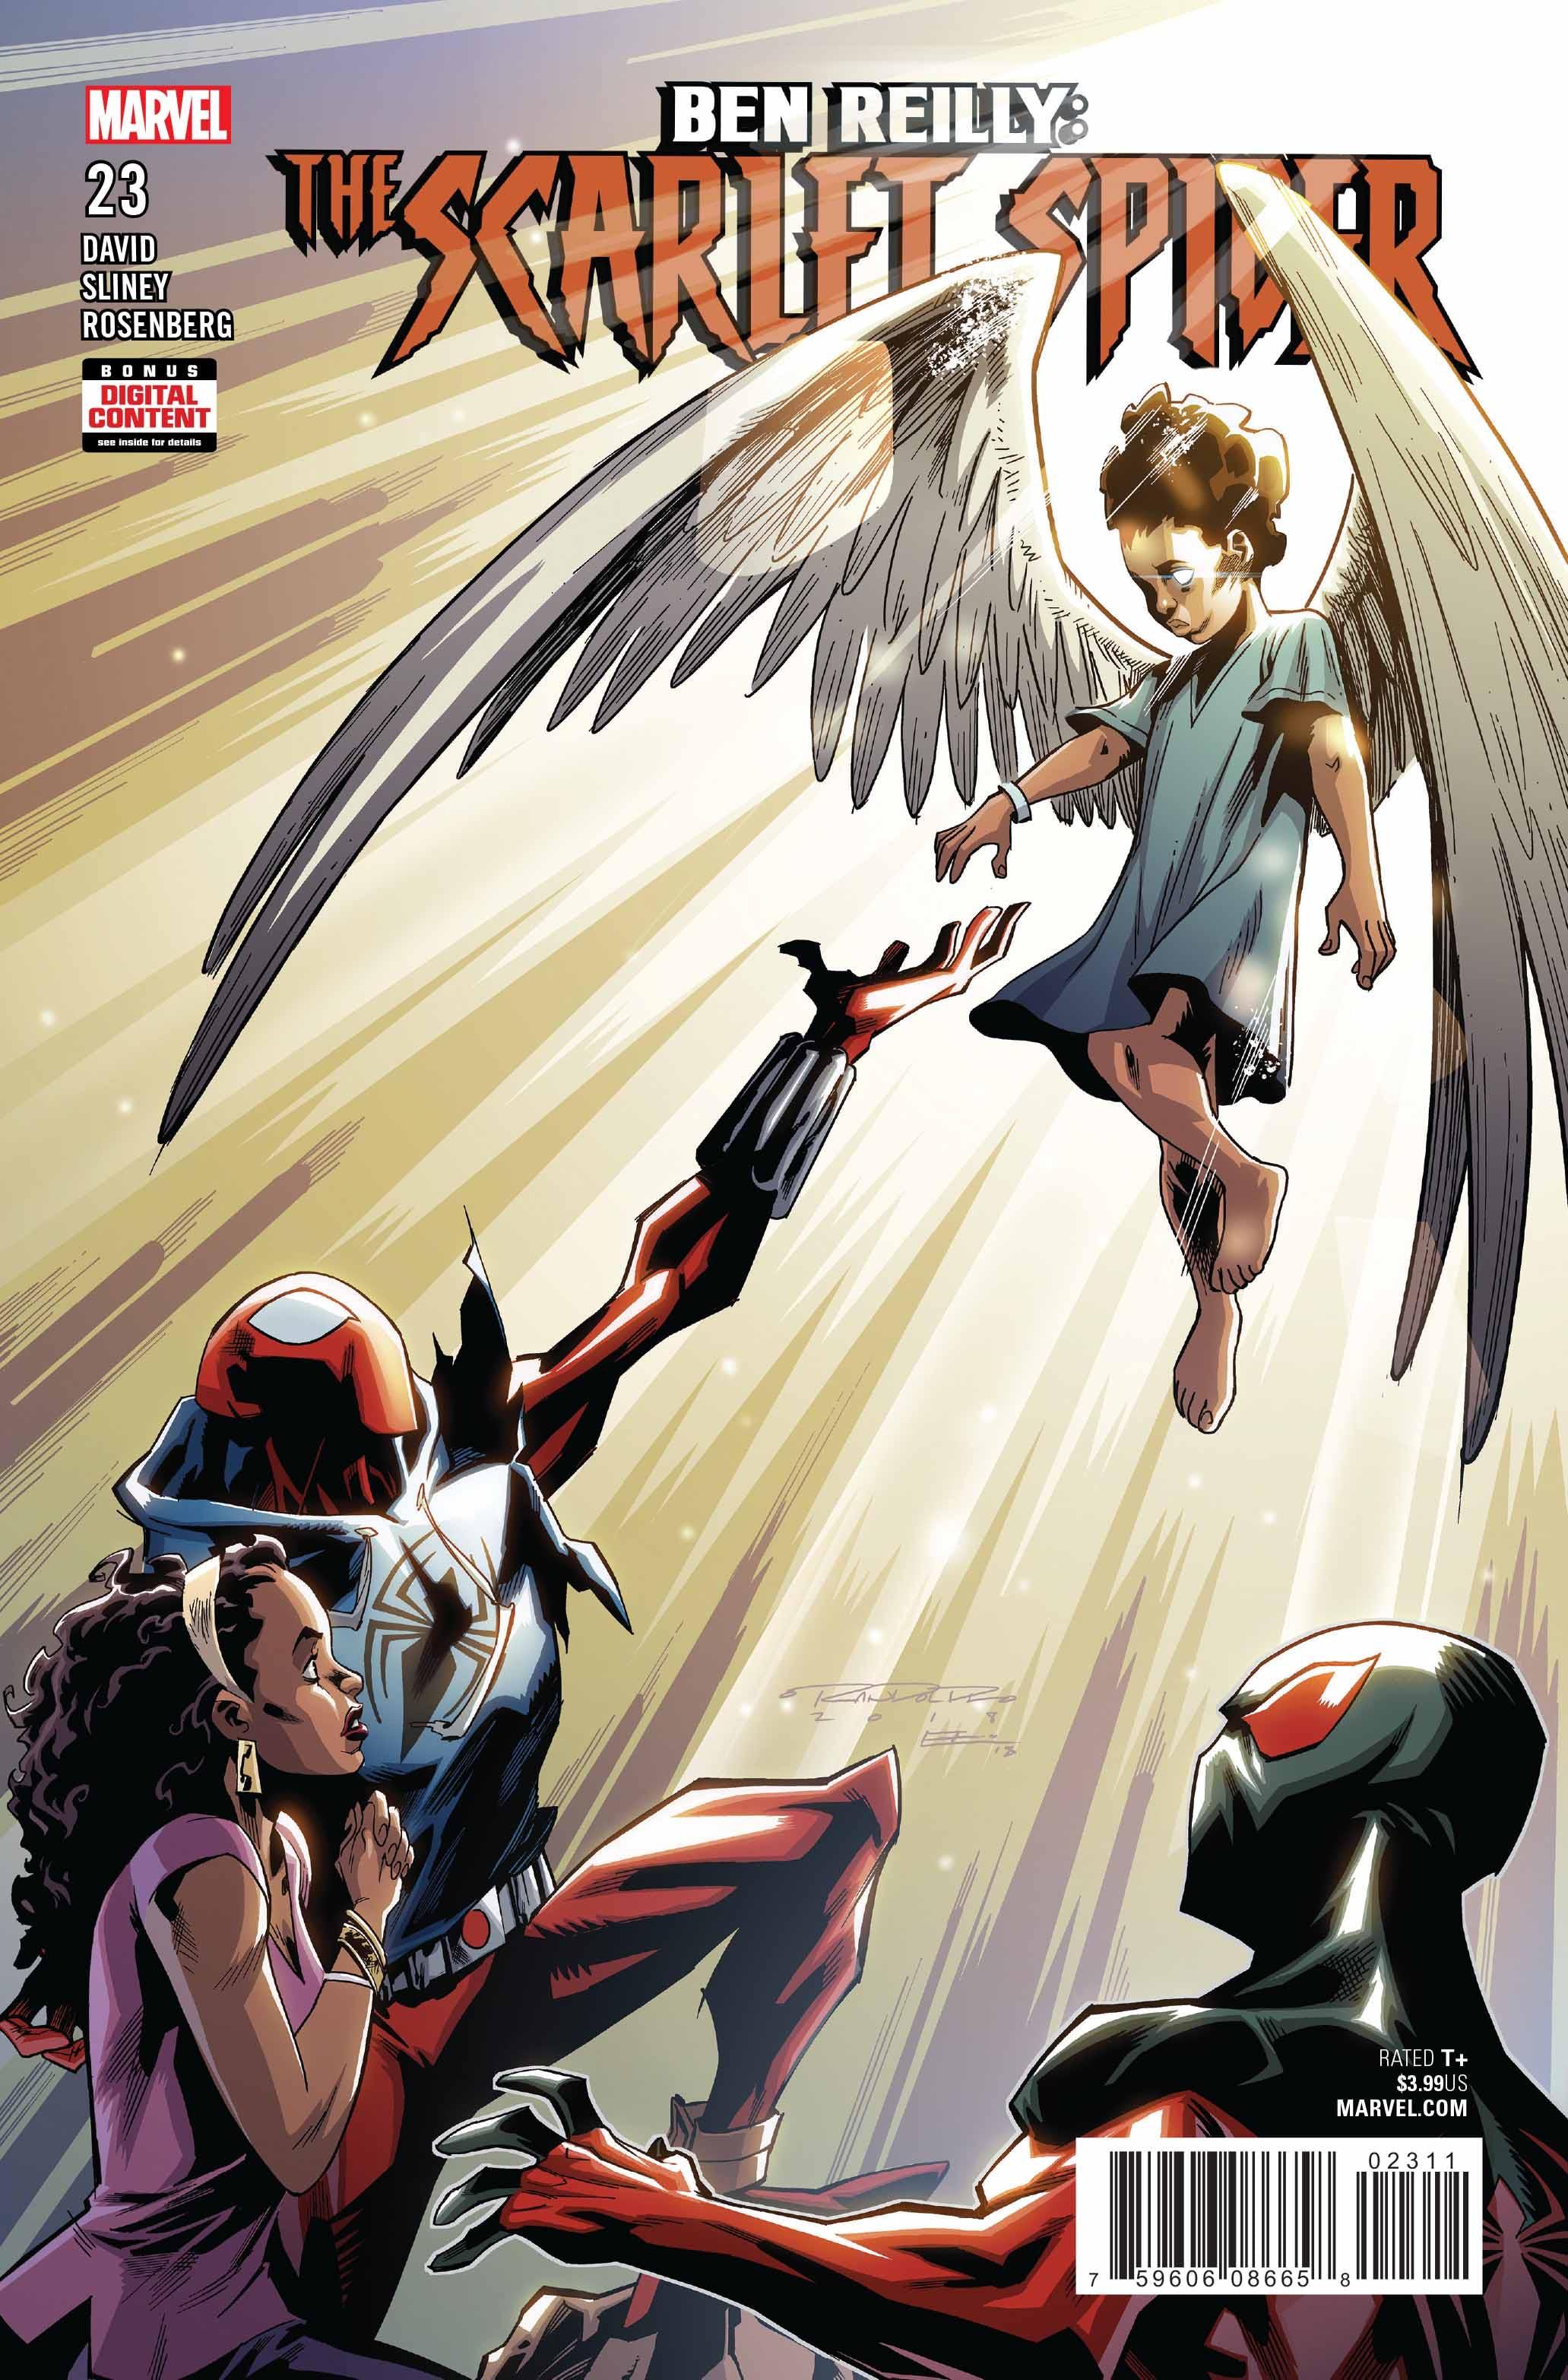 Ben Reilly: Scarlet Spider Vol 1 23